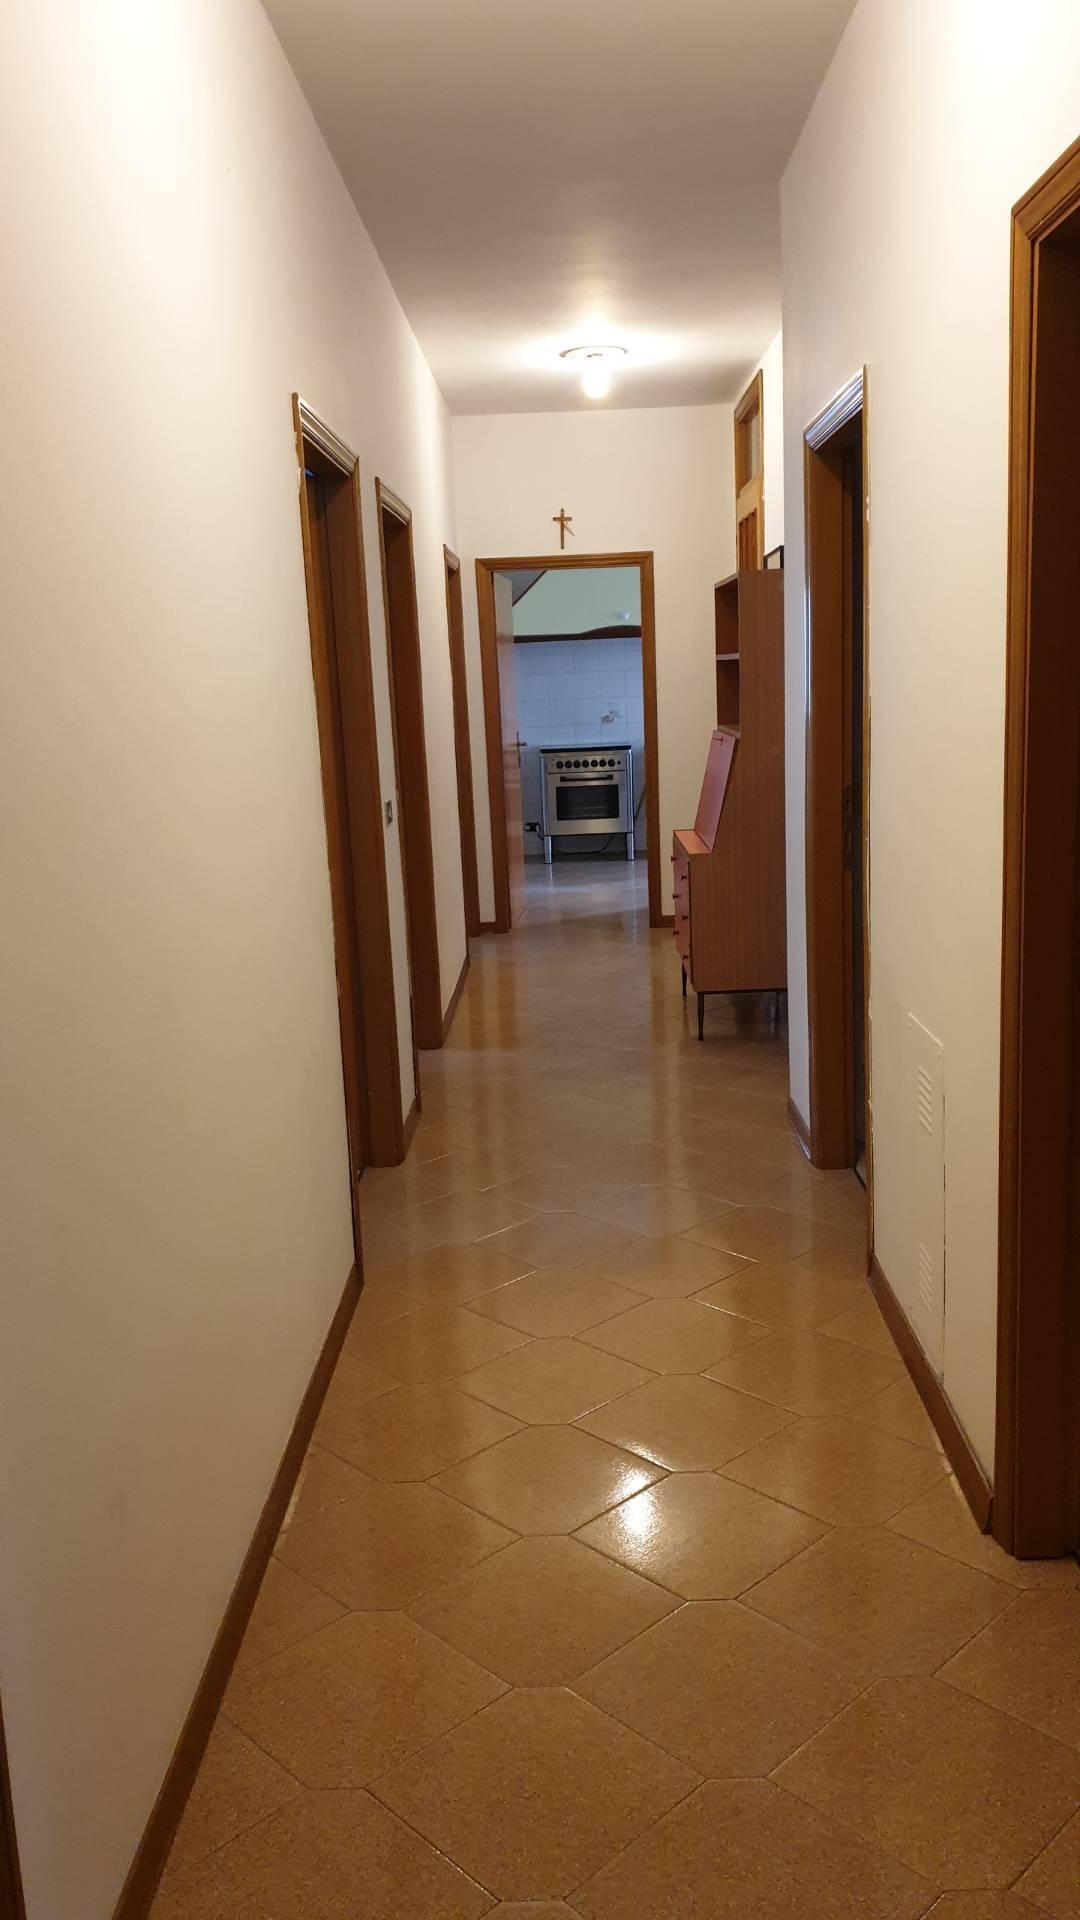 Appartamento in affitto a Bellaria Igea Marina, 9 locali, zona Zona: Bellaria, prezzo € 7.000 | CambioCasa.it